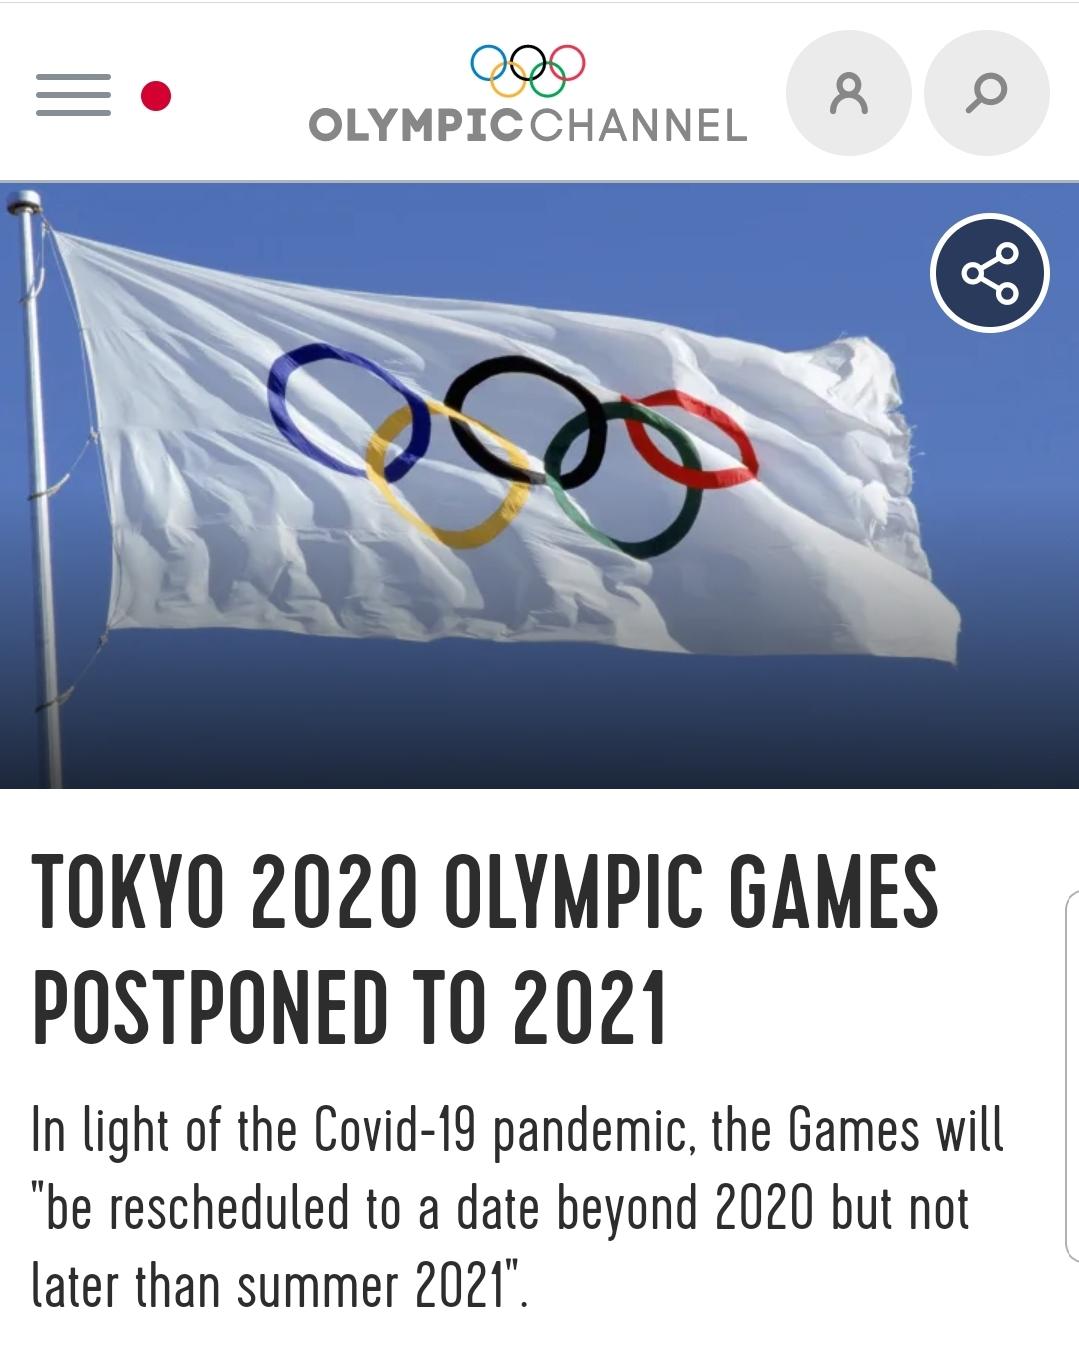 Олимпијске игре у Токију данас су званично одложене за 2021. годину